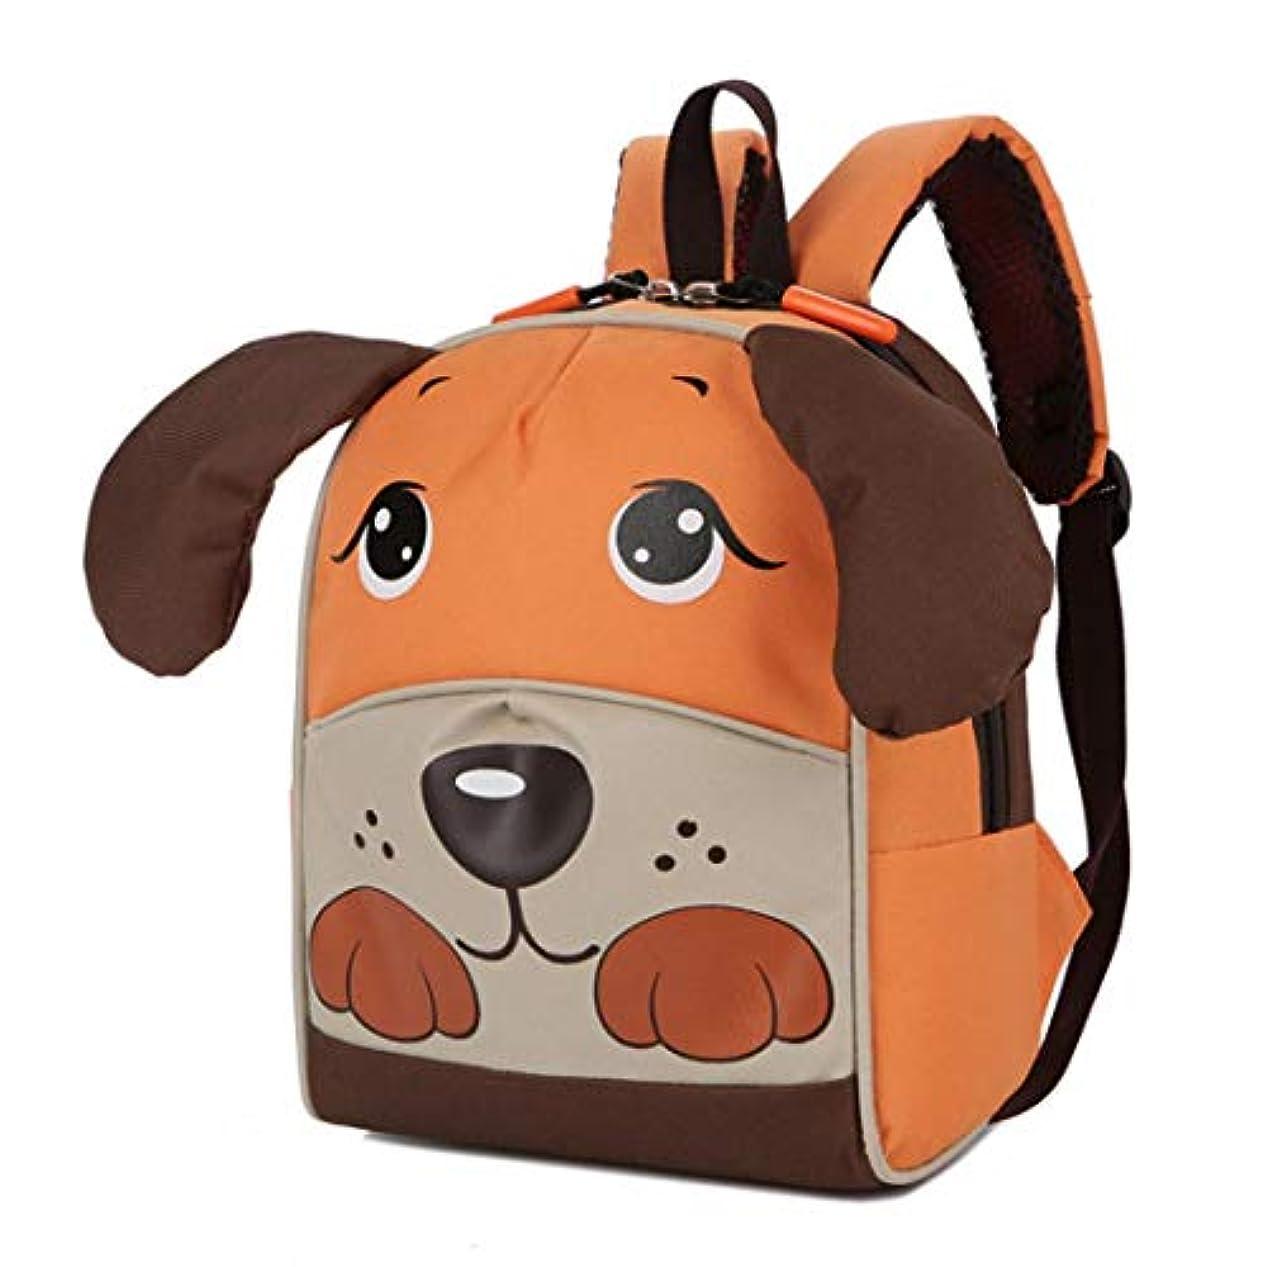 概要包囲クラウドスクールバッグ 子供、三番目の店 子供の赤ちゃんの少女と少年 漫画の犬の鮫の動物 バックパック 幼児のスクールバッグ